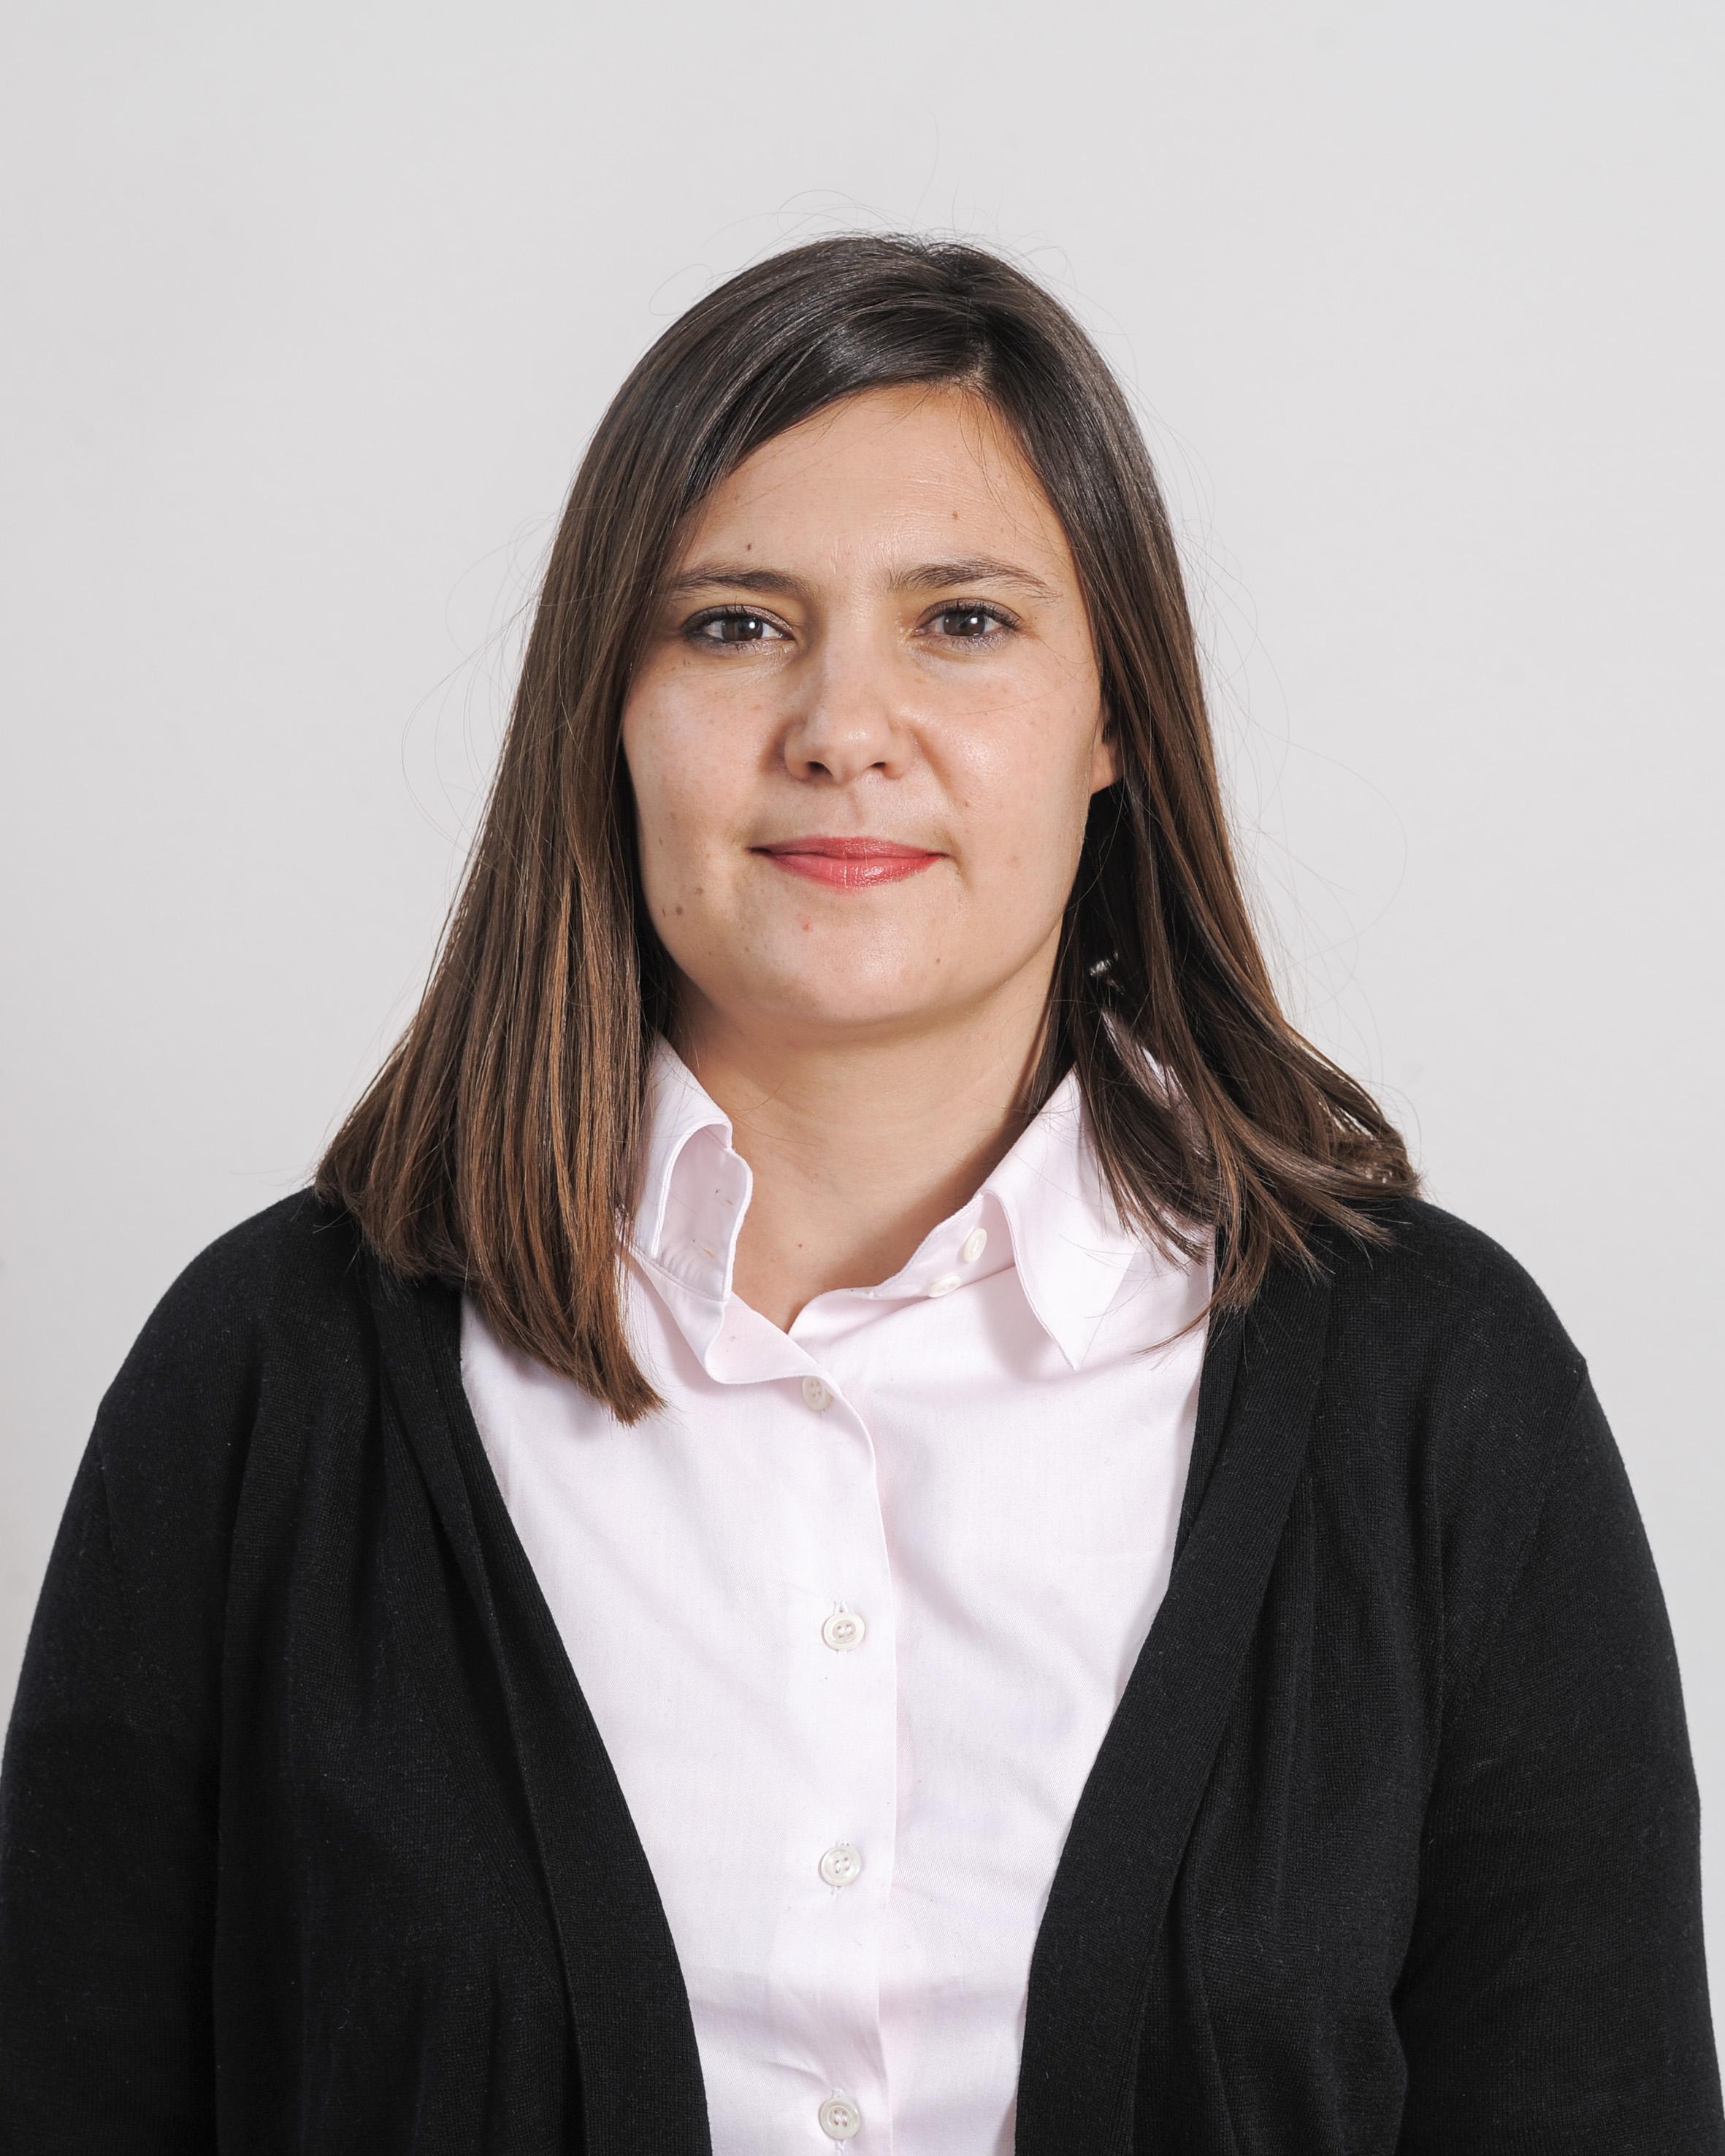 Alice Kamenka